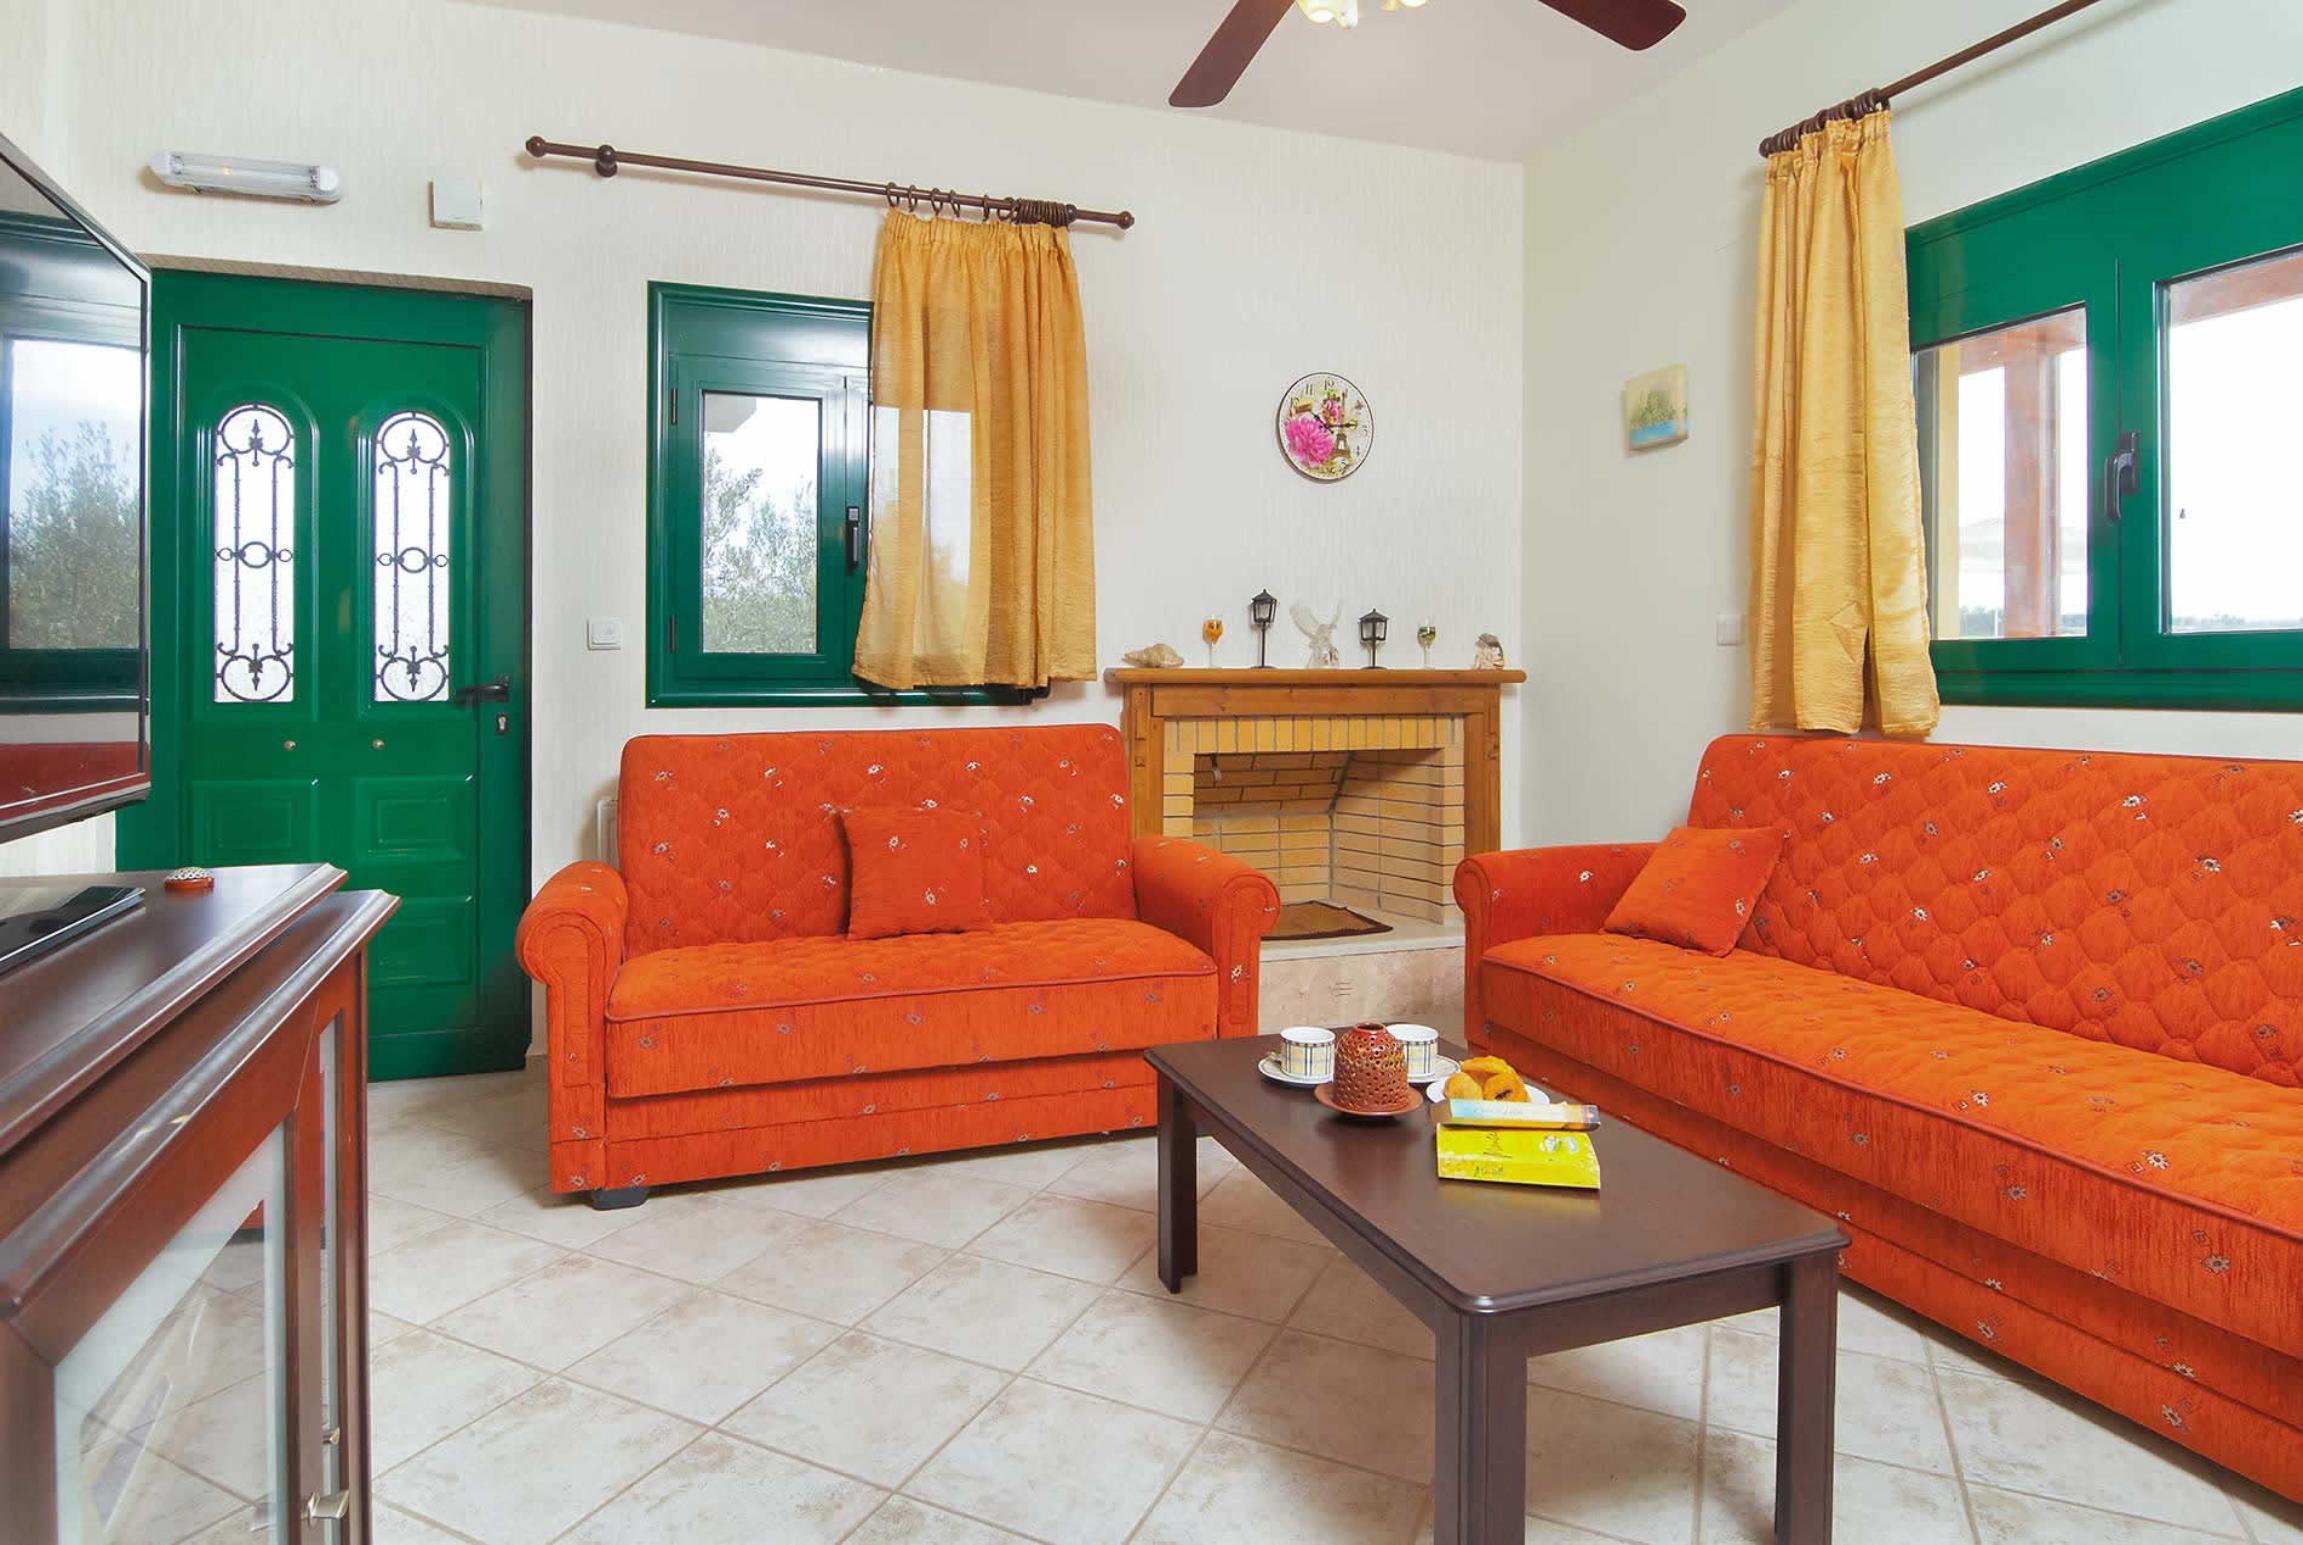 Ferienhaus Pelagia (2653855), Roumeli, Kreta Nordküste, Kreta, Griechenland, Bild 8